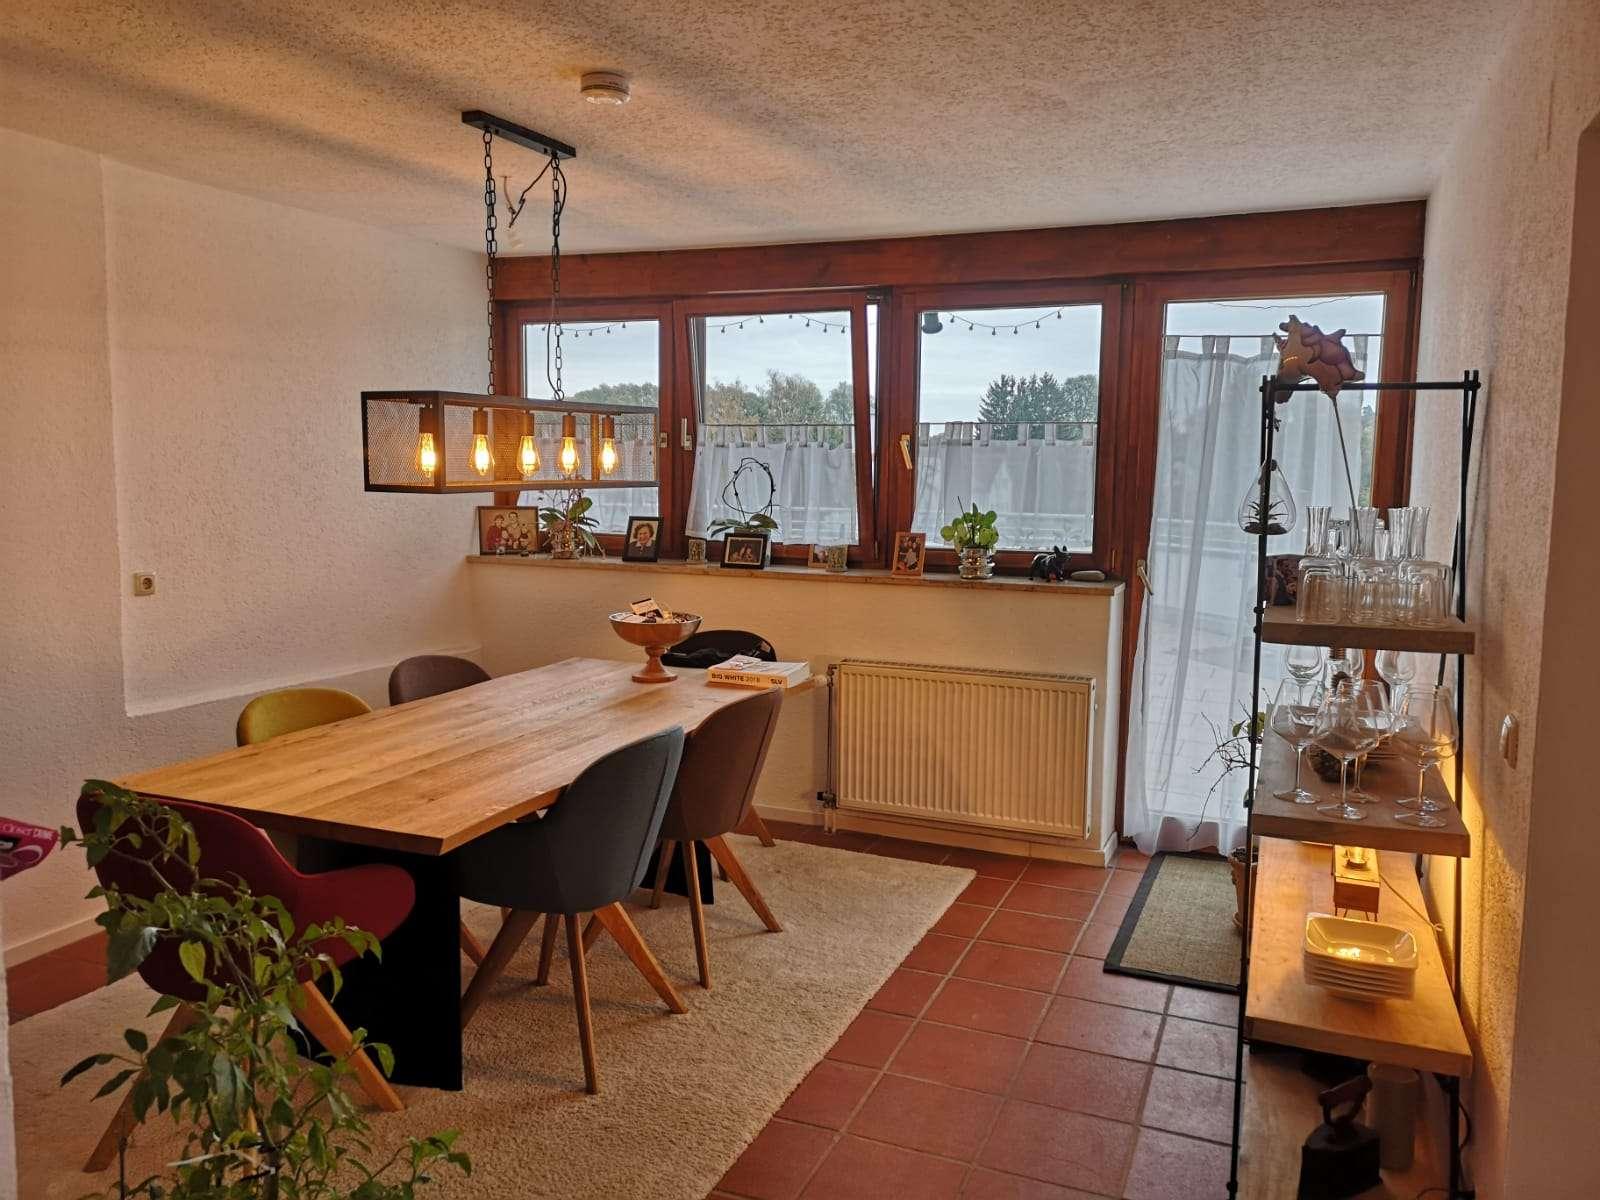 Besondere 3-Zimmer-Wohnung mit einzigartiger Dachterrasse in Dasing in